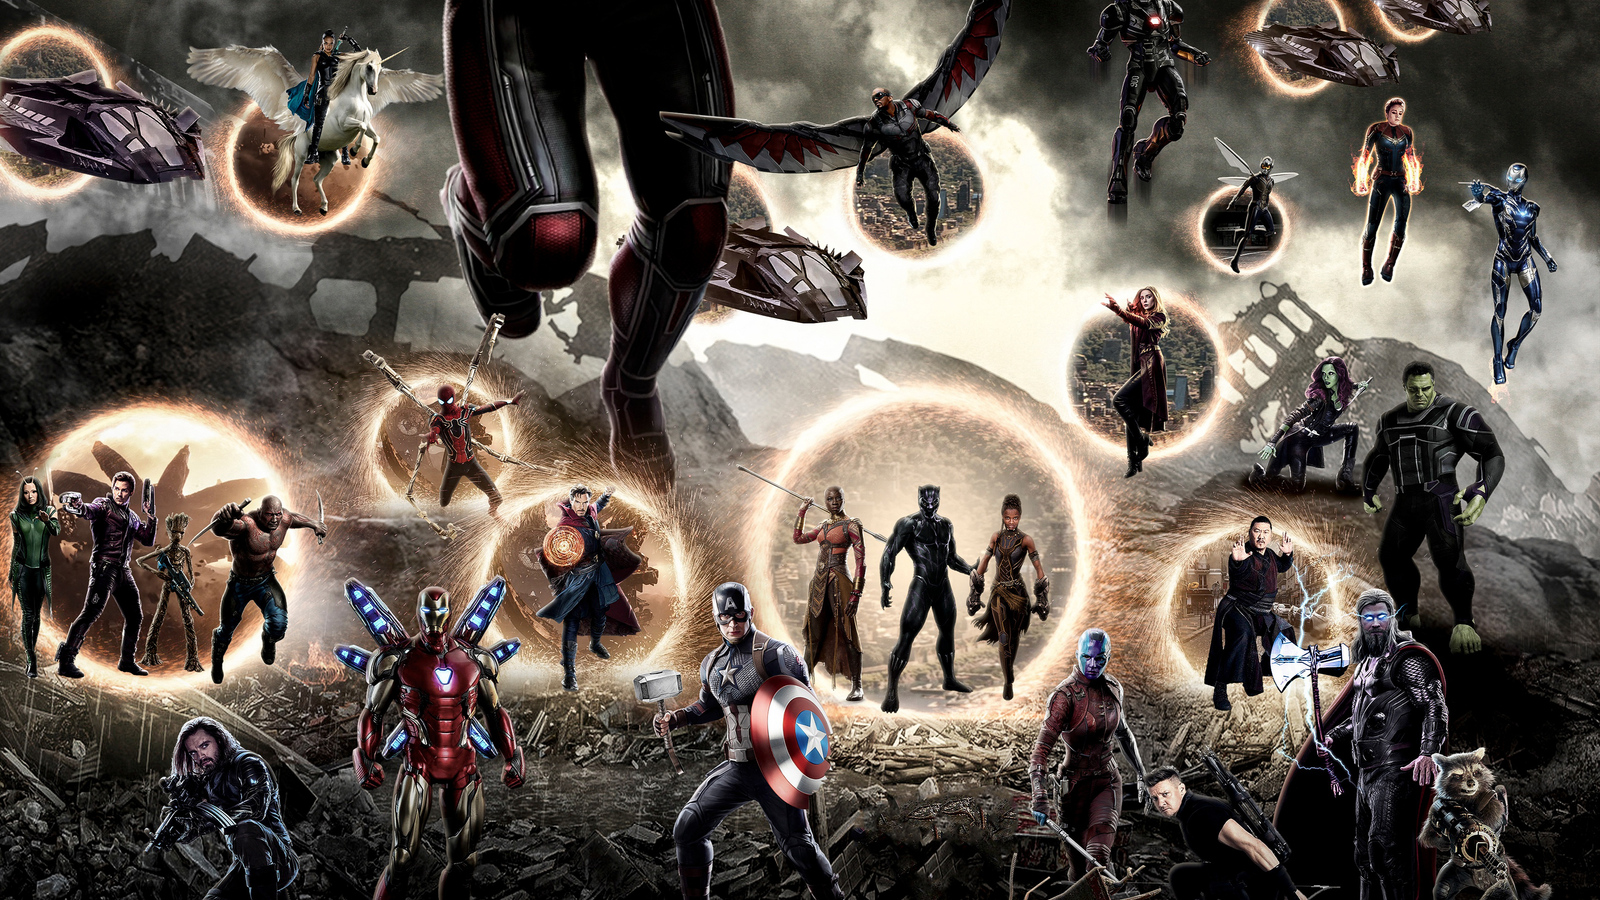 avengers-endgame-final-battle-4k-pn.jpg